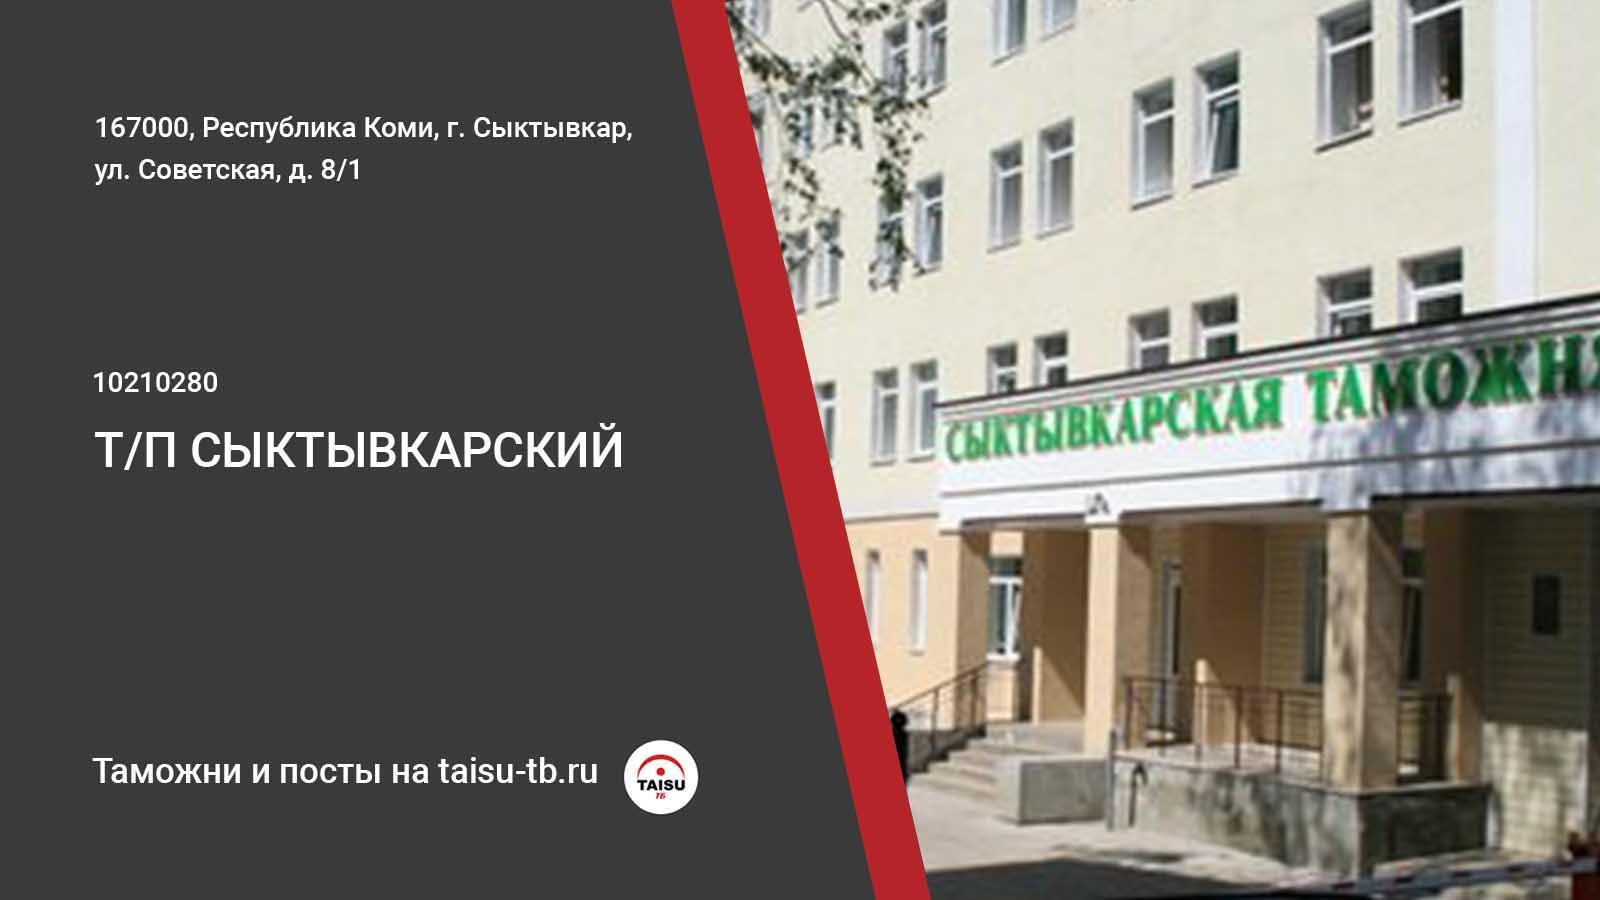 Сыктывкарский таможенный пост